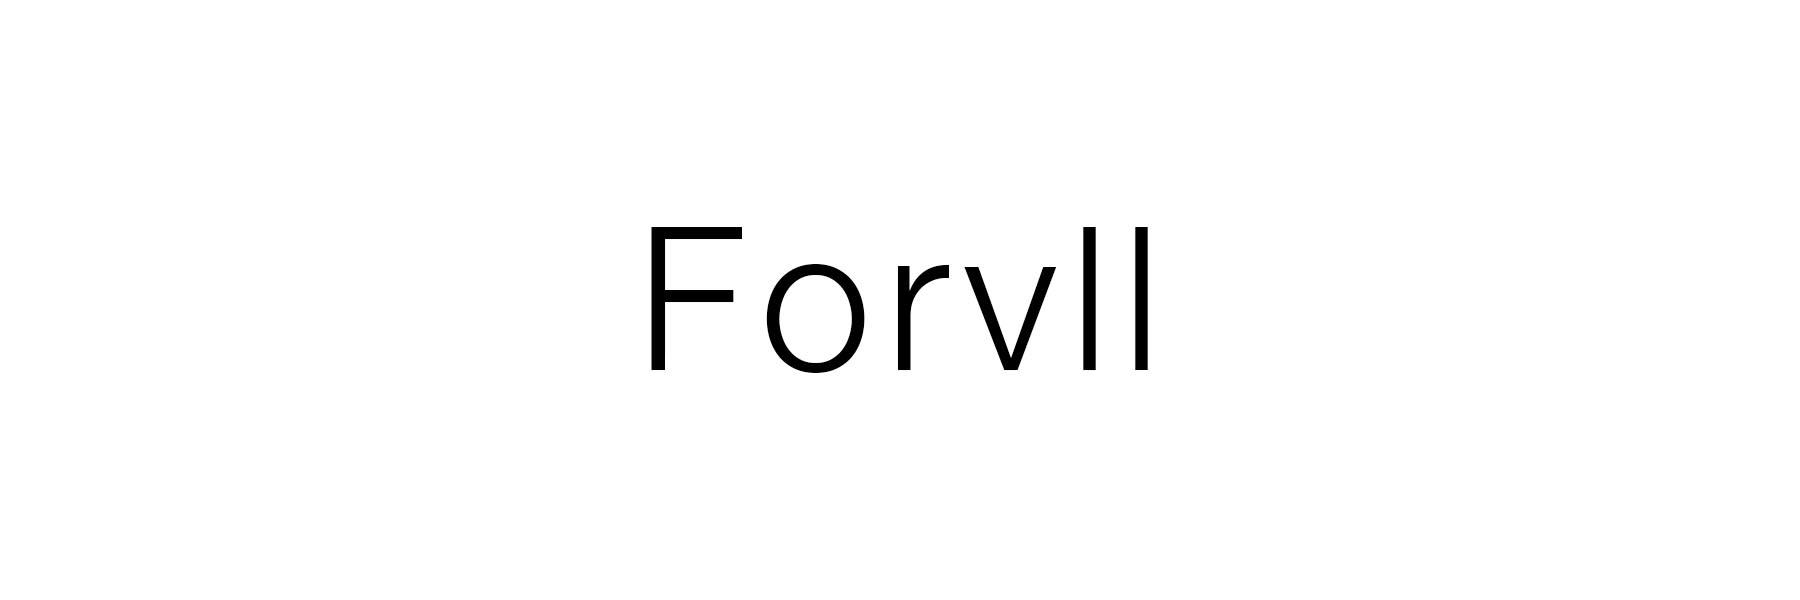 Forvll.jpg